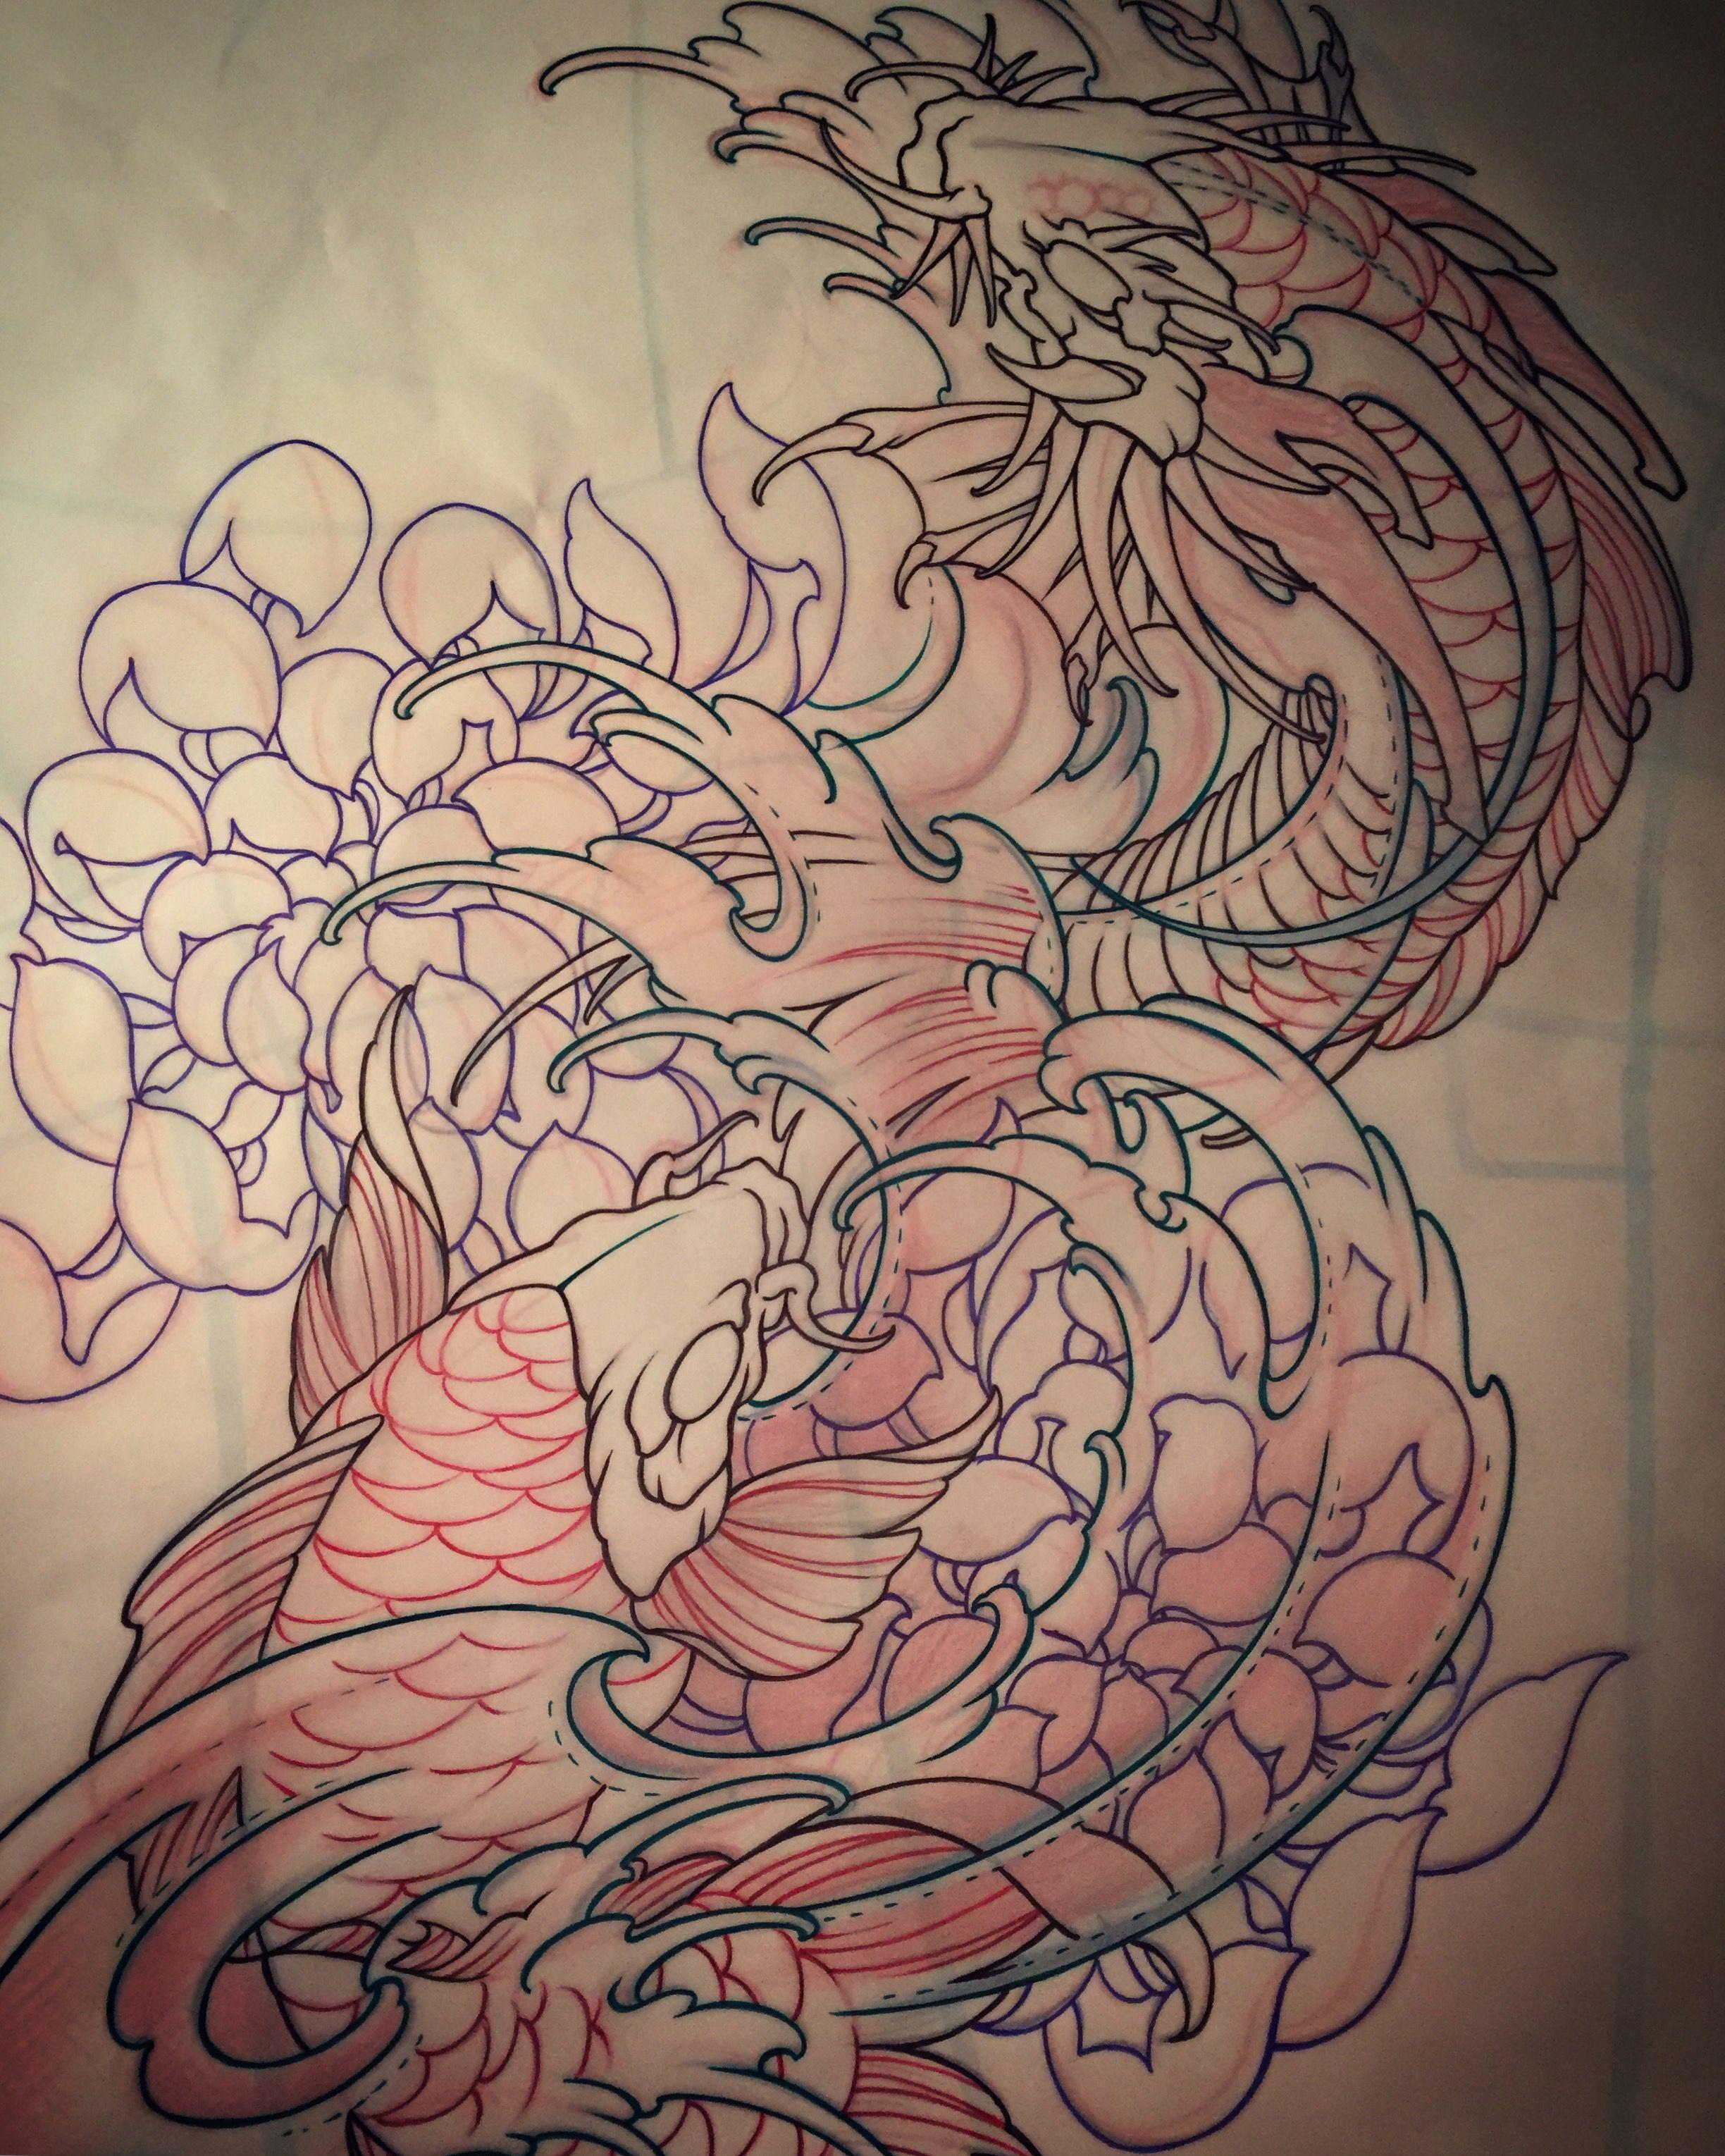 Amsterdam tattoo 1825 kimihito koi koi dragon tattoo for Japanese koi dragon